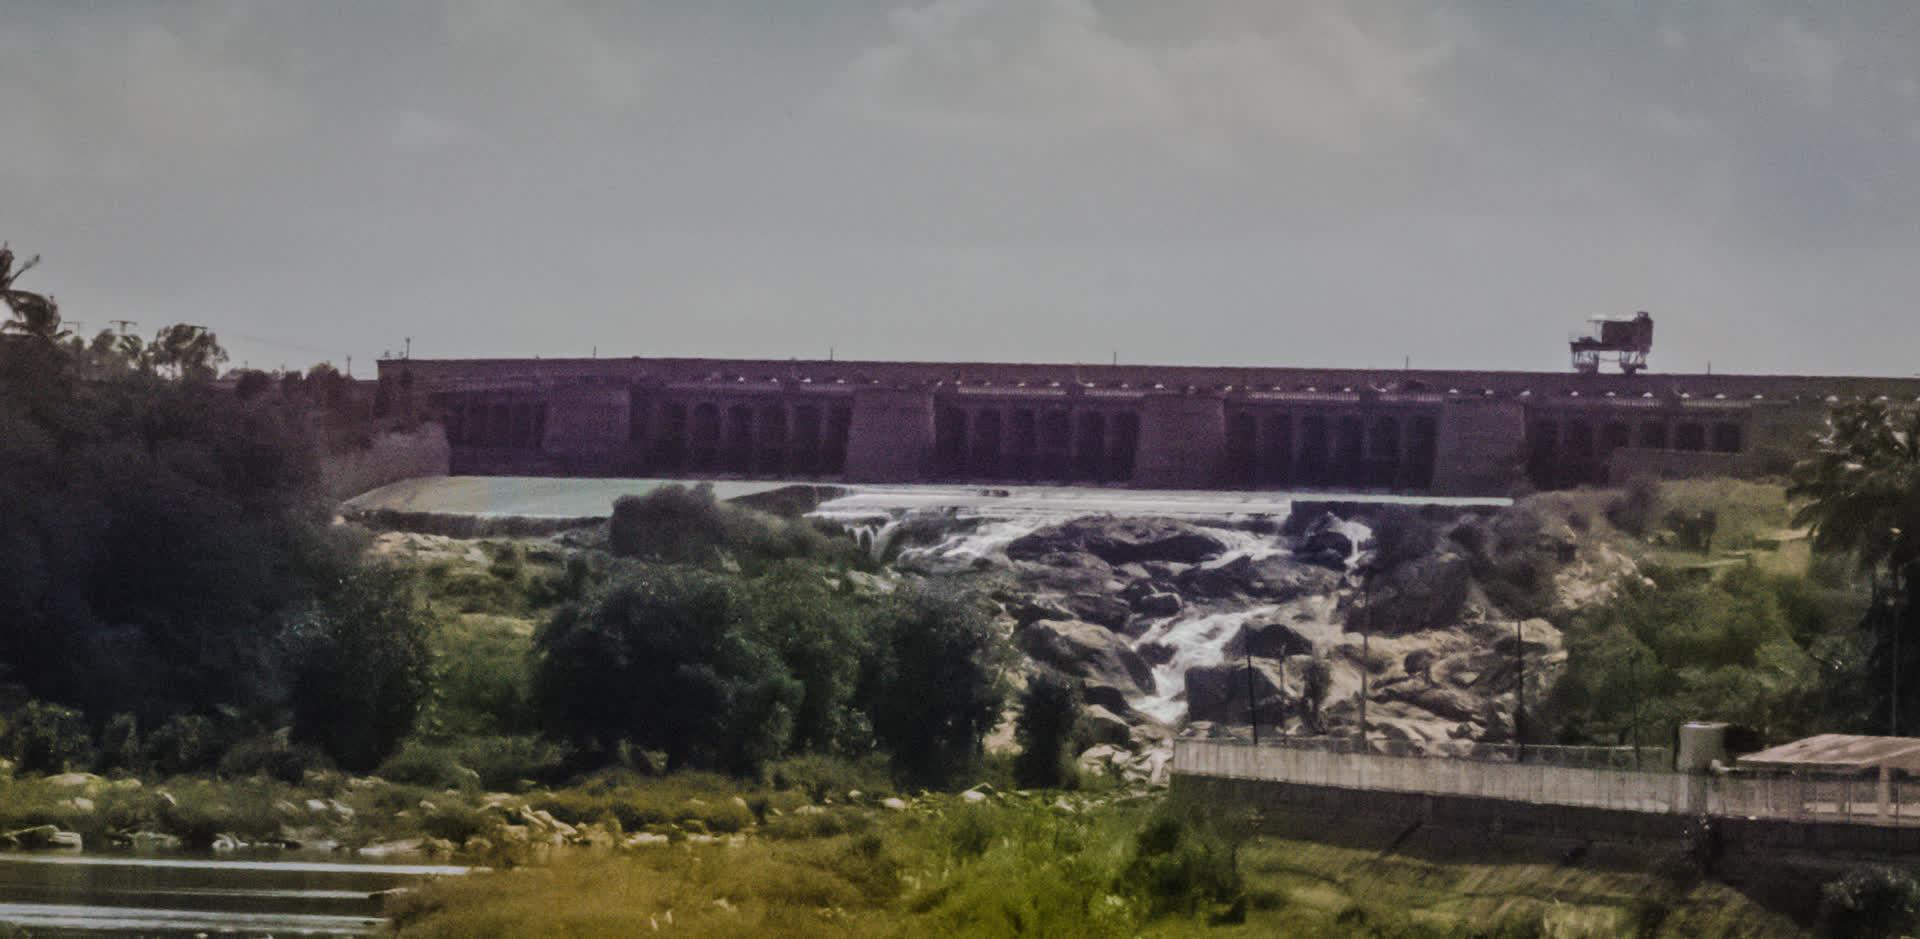 मैसूर रियासत की क़िस्मत बदलने वाला कृष्णा राज सागर बांध